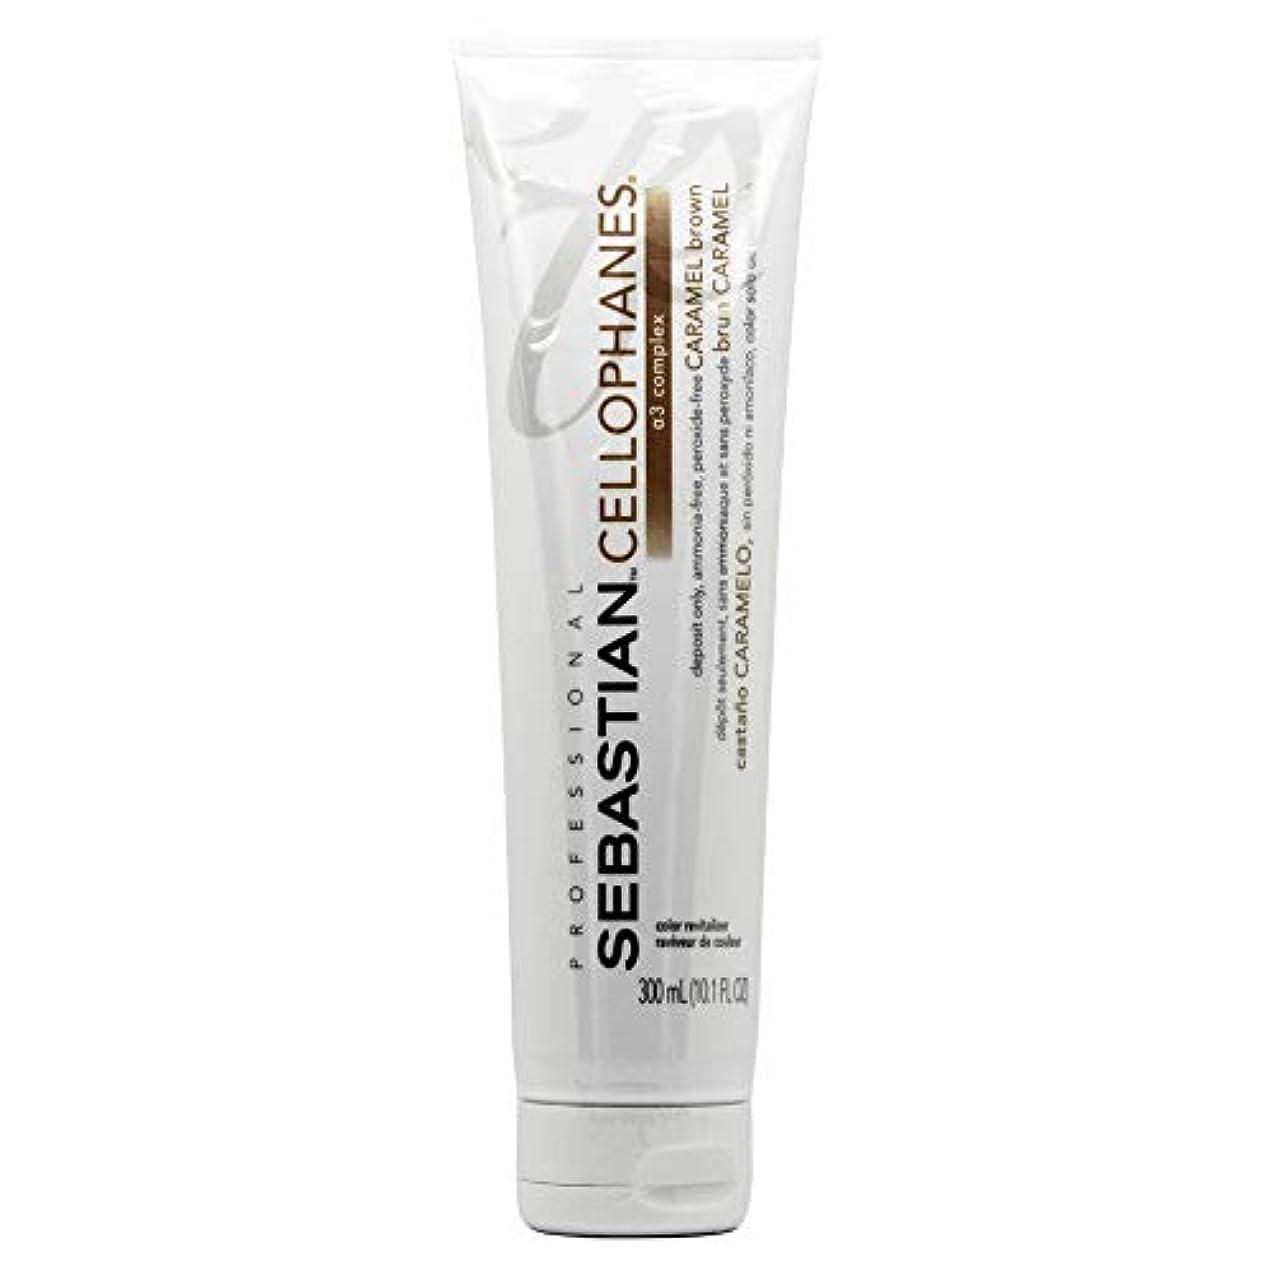 海里副有毒Sebastion Cellophanes Hair Color セロファンCARAMEL BROWN、A3複合体とカラーリバイタライザー caramel brown - 10.1オンス/ 300ミリリットル